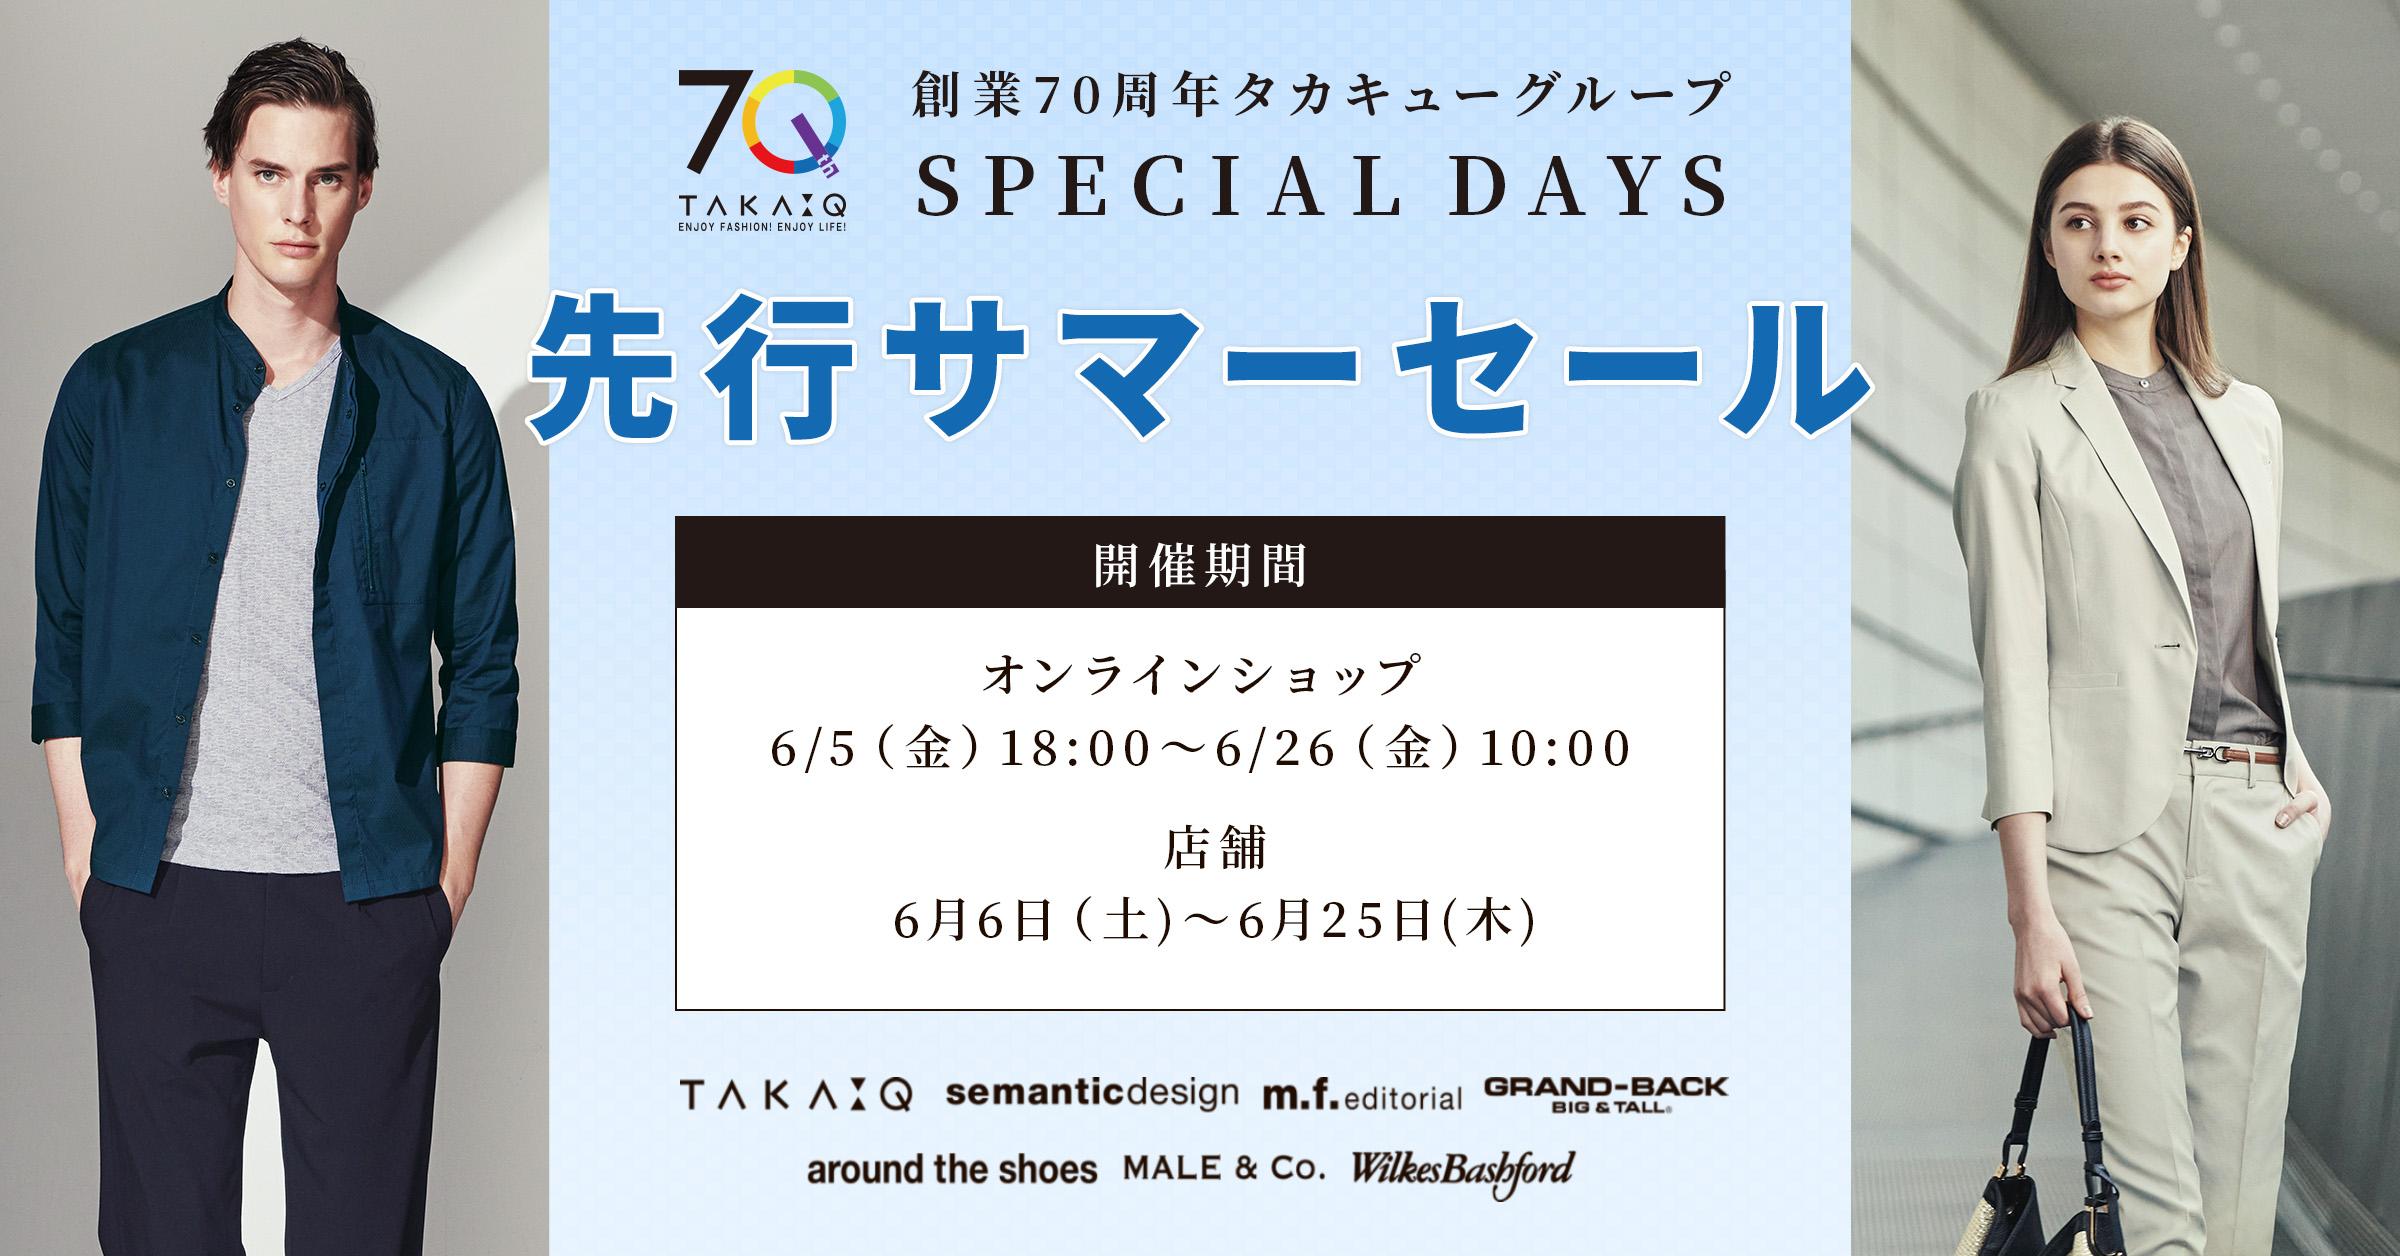 創業70周年 タカキューオンラインショップ スペシャル・デイズ 先行サマーセール